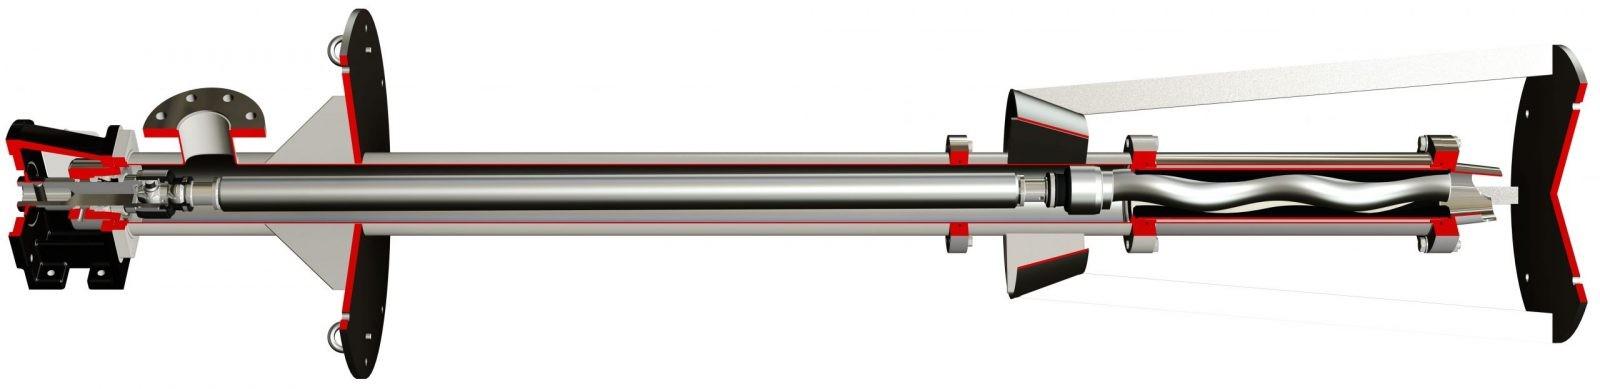 Vertical Progressive Cavity Pump